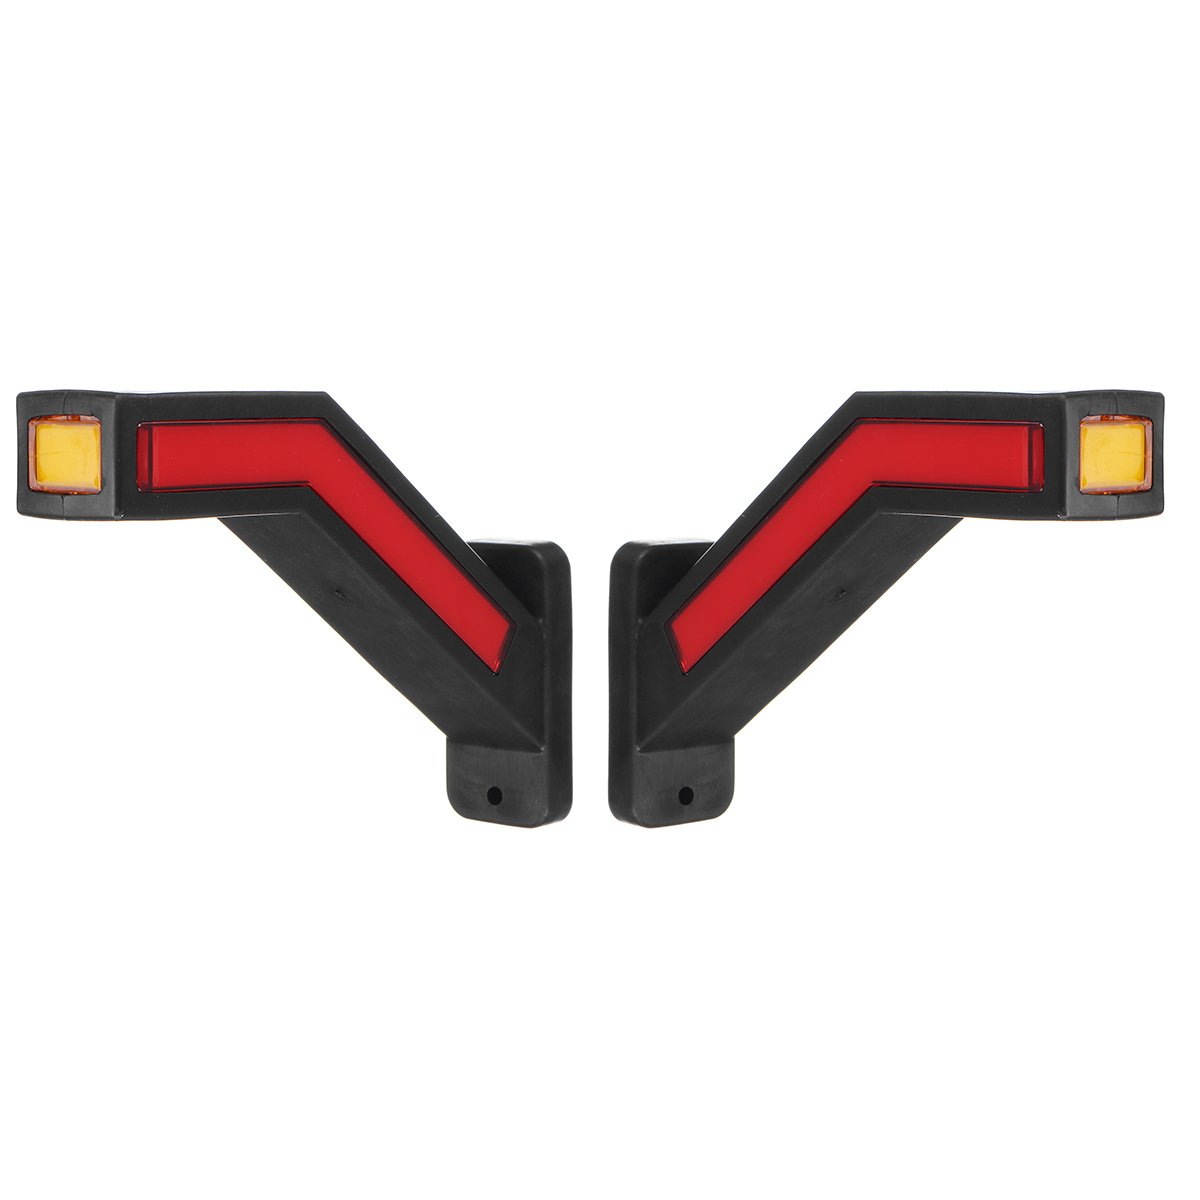 2 шт. Led прицеп светильник s динамический Led Сигналы поворота Боковые габаритные светильник автомобиля Ван контурных грузовик светильник стоп сигнальная лампа